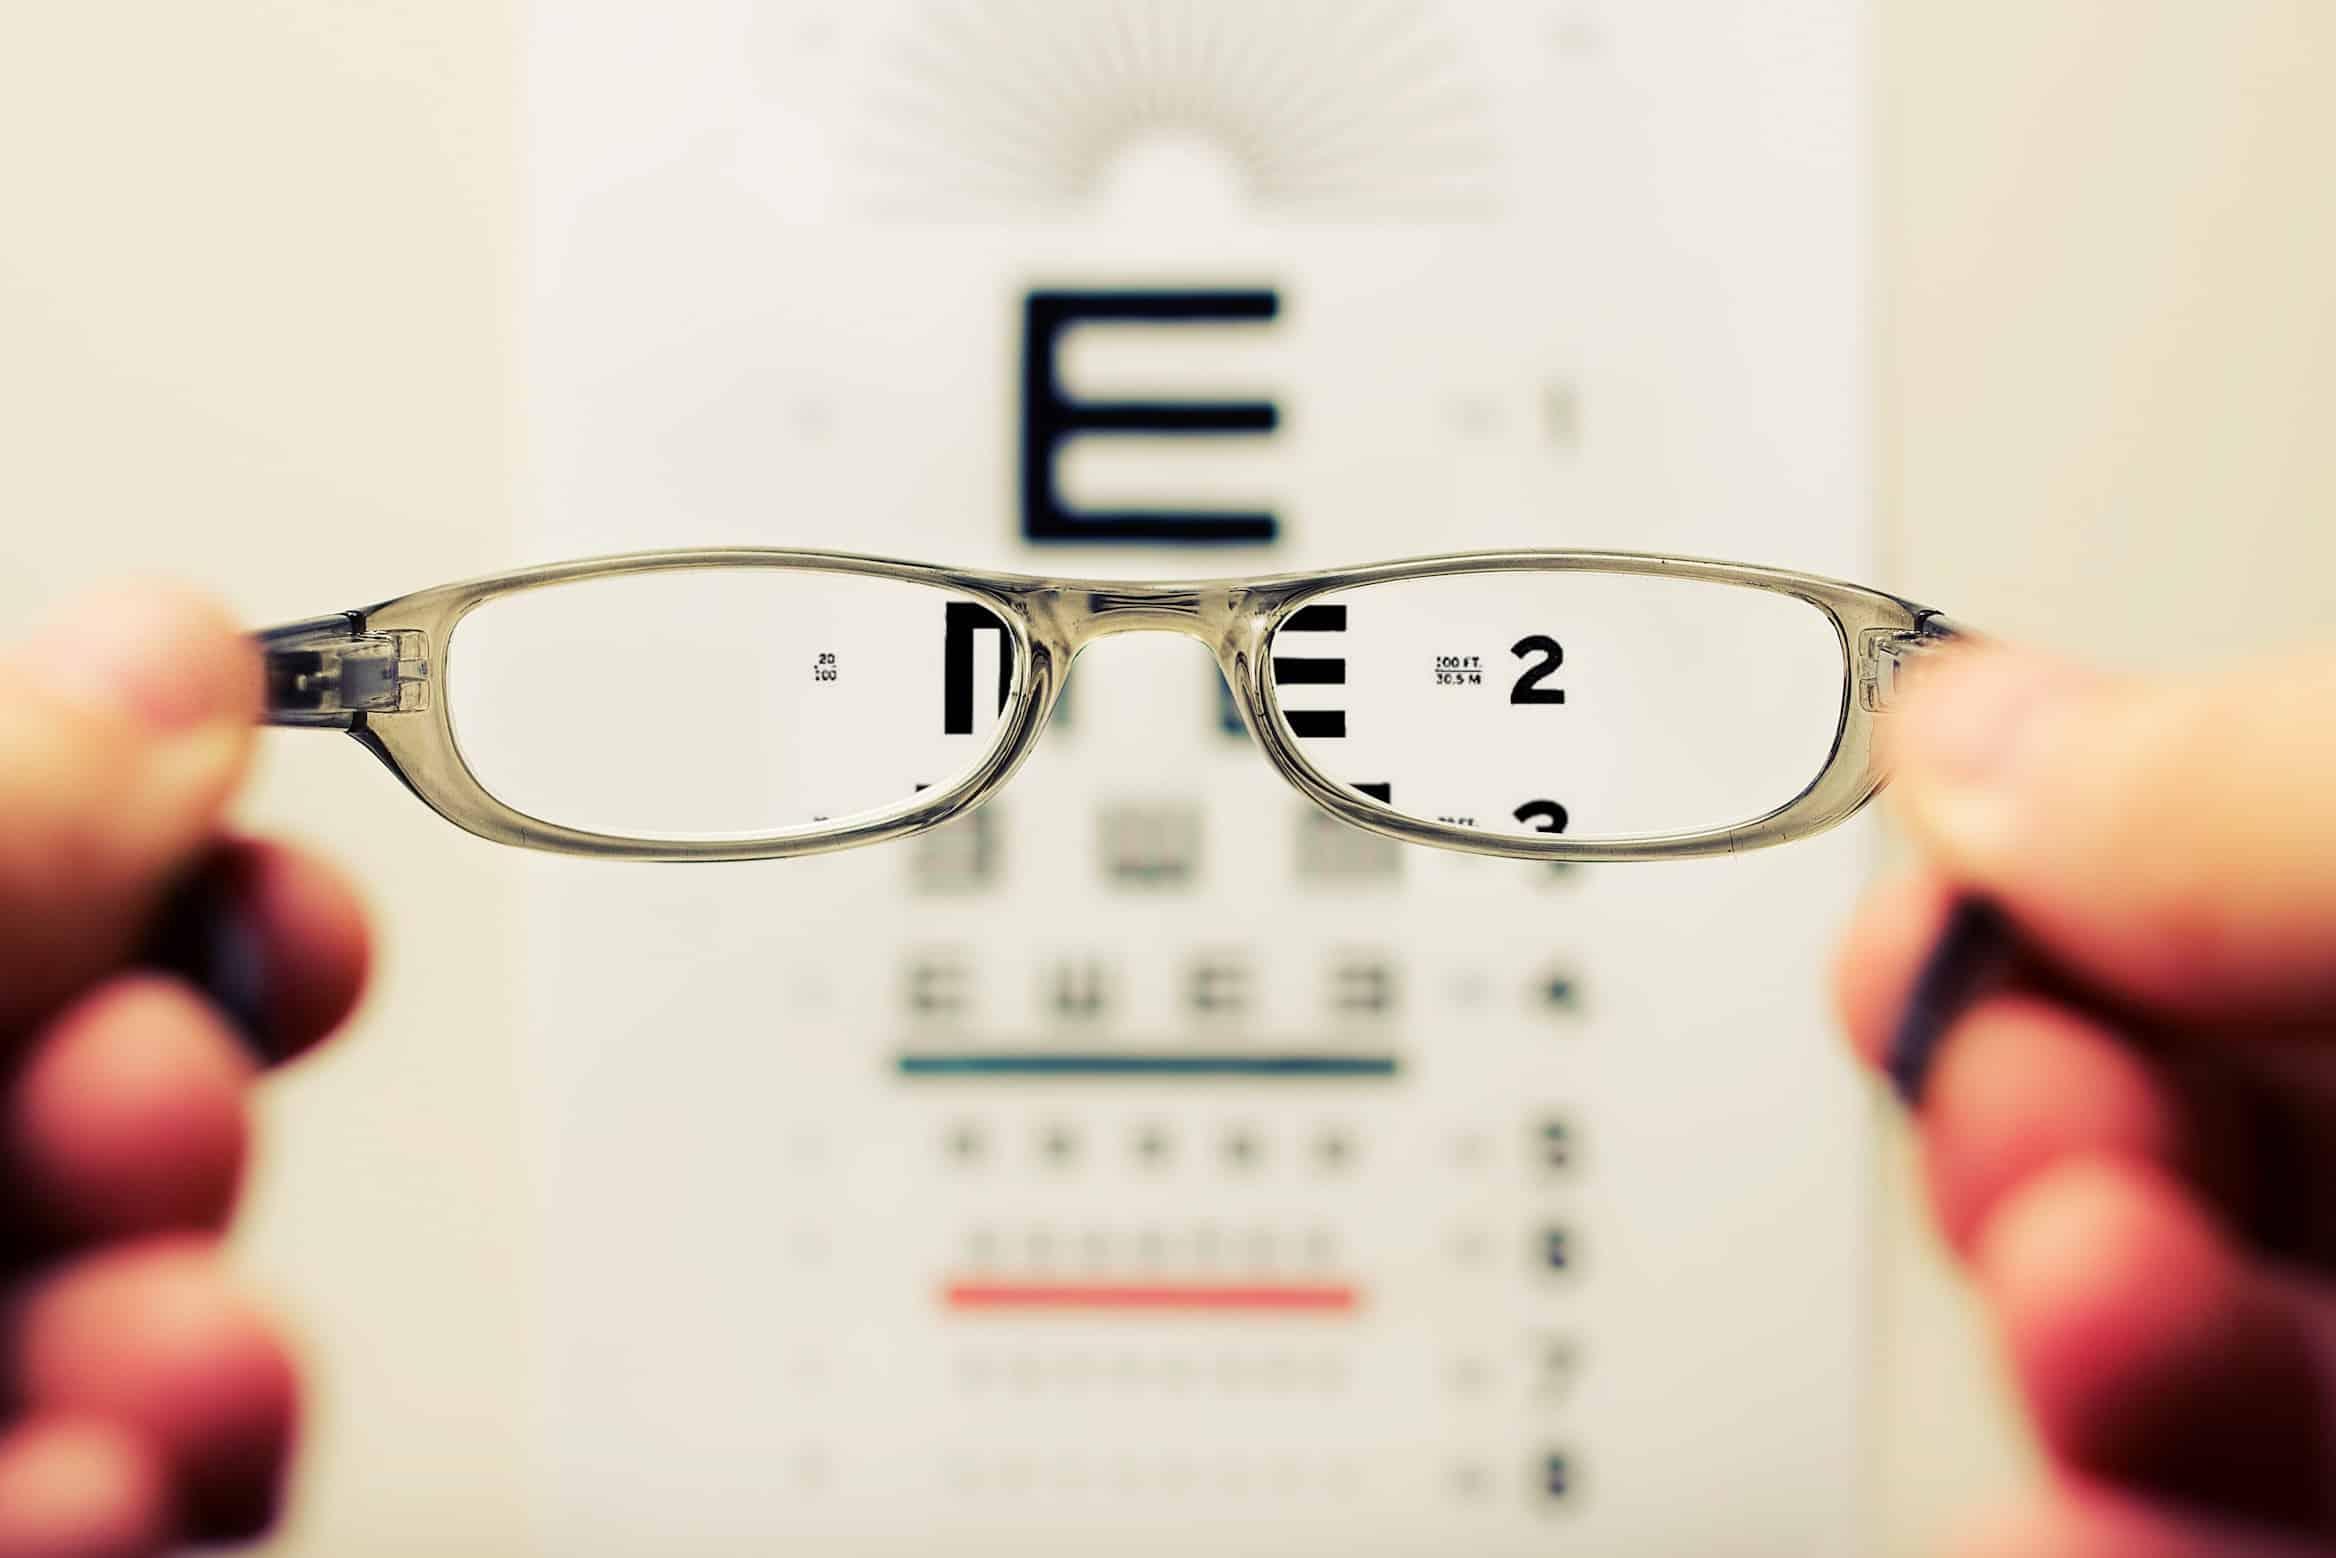 látásélesség 5 mit jelent hogyan lehet visszanyerni a látás szem gyakorlását